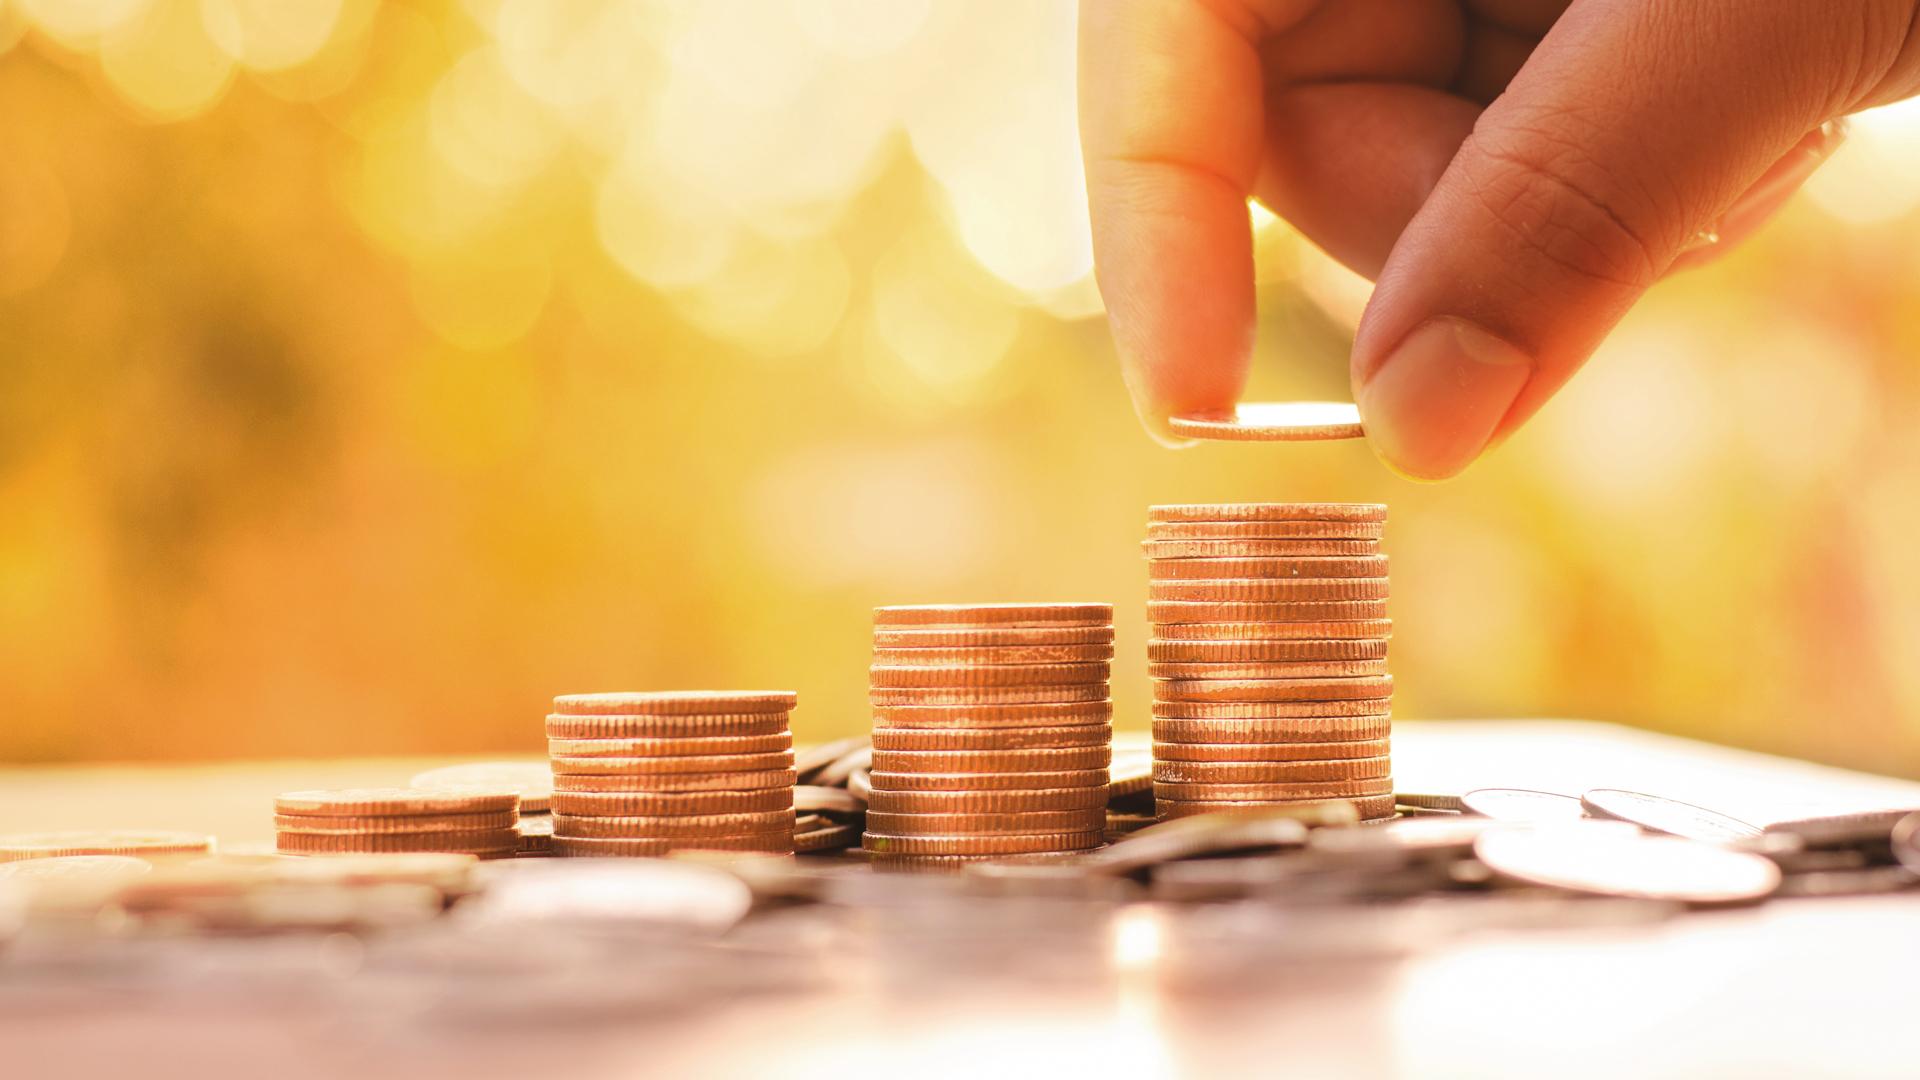 Calcular o preço de venda: você tem essa competência? – por Antonio Matos